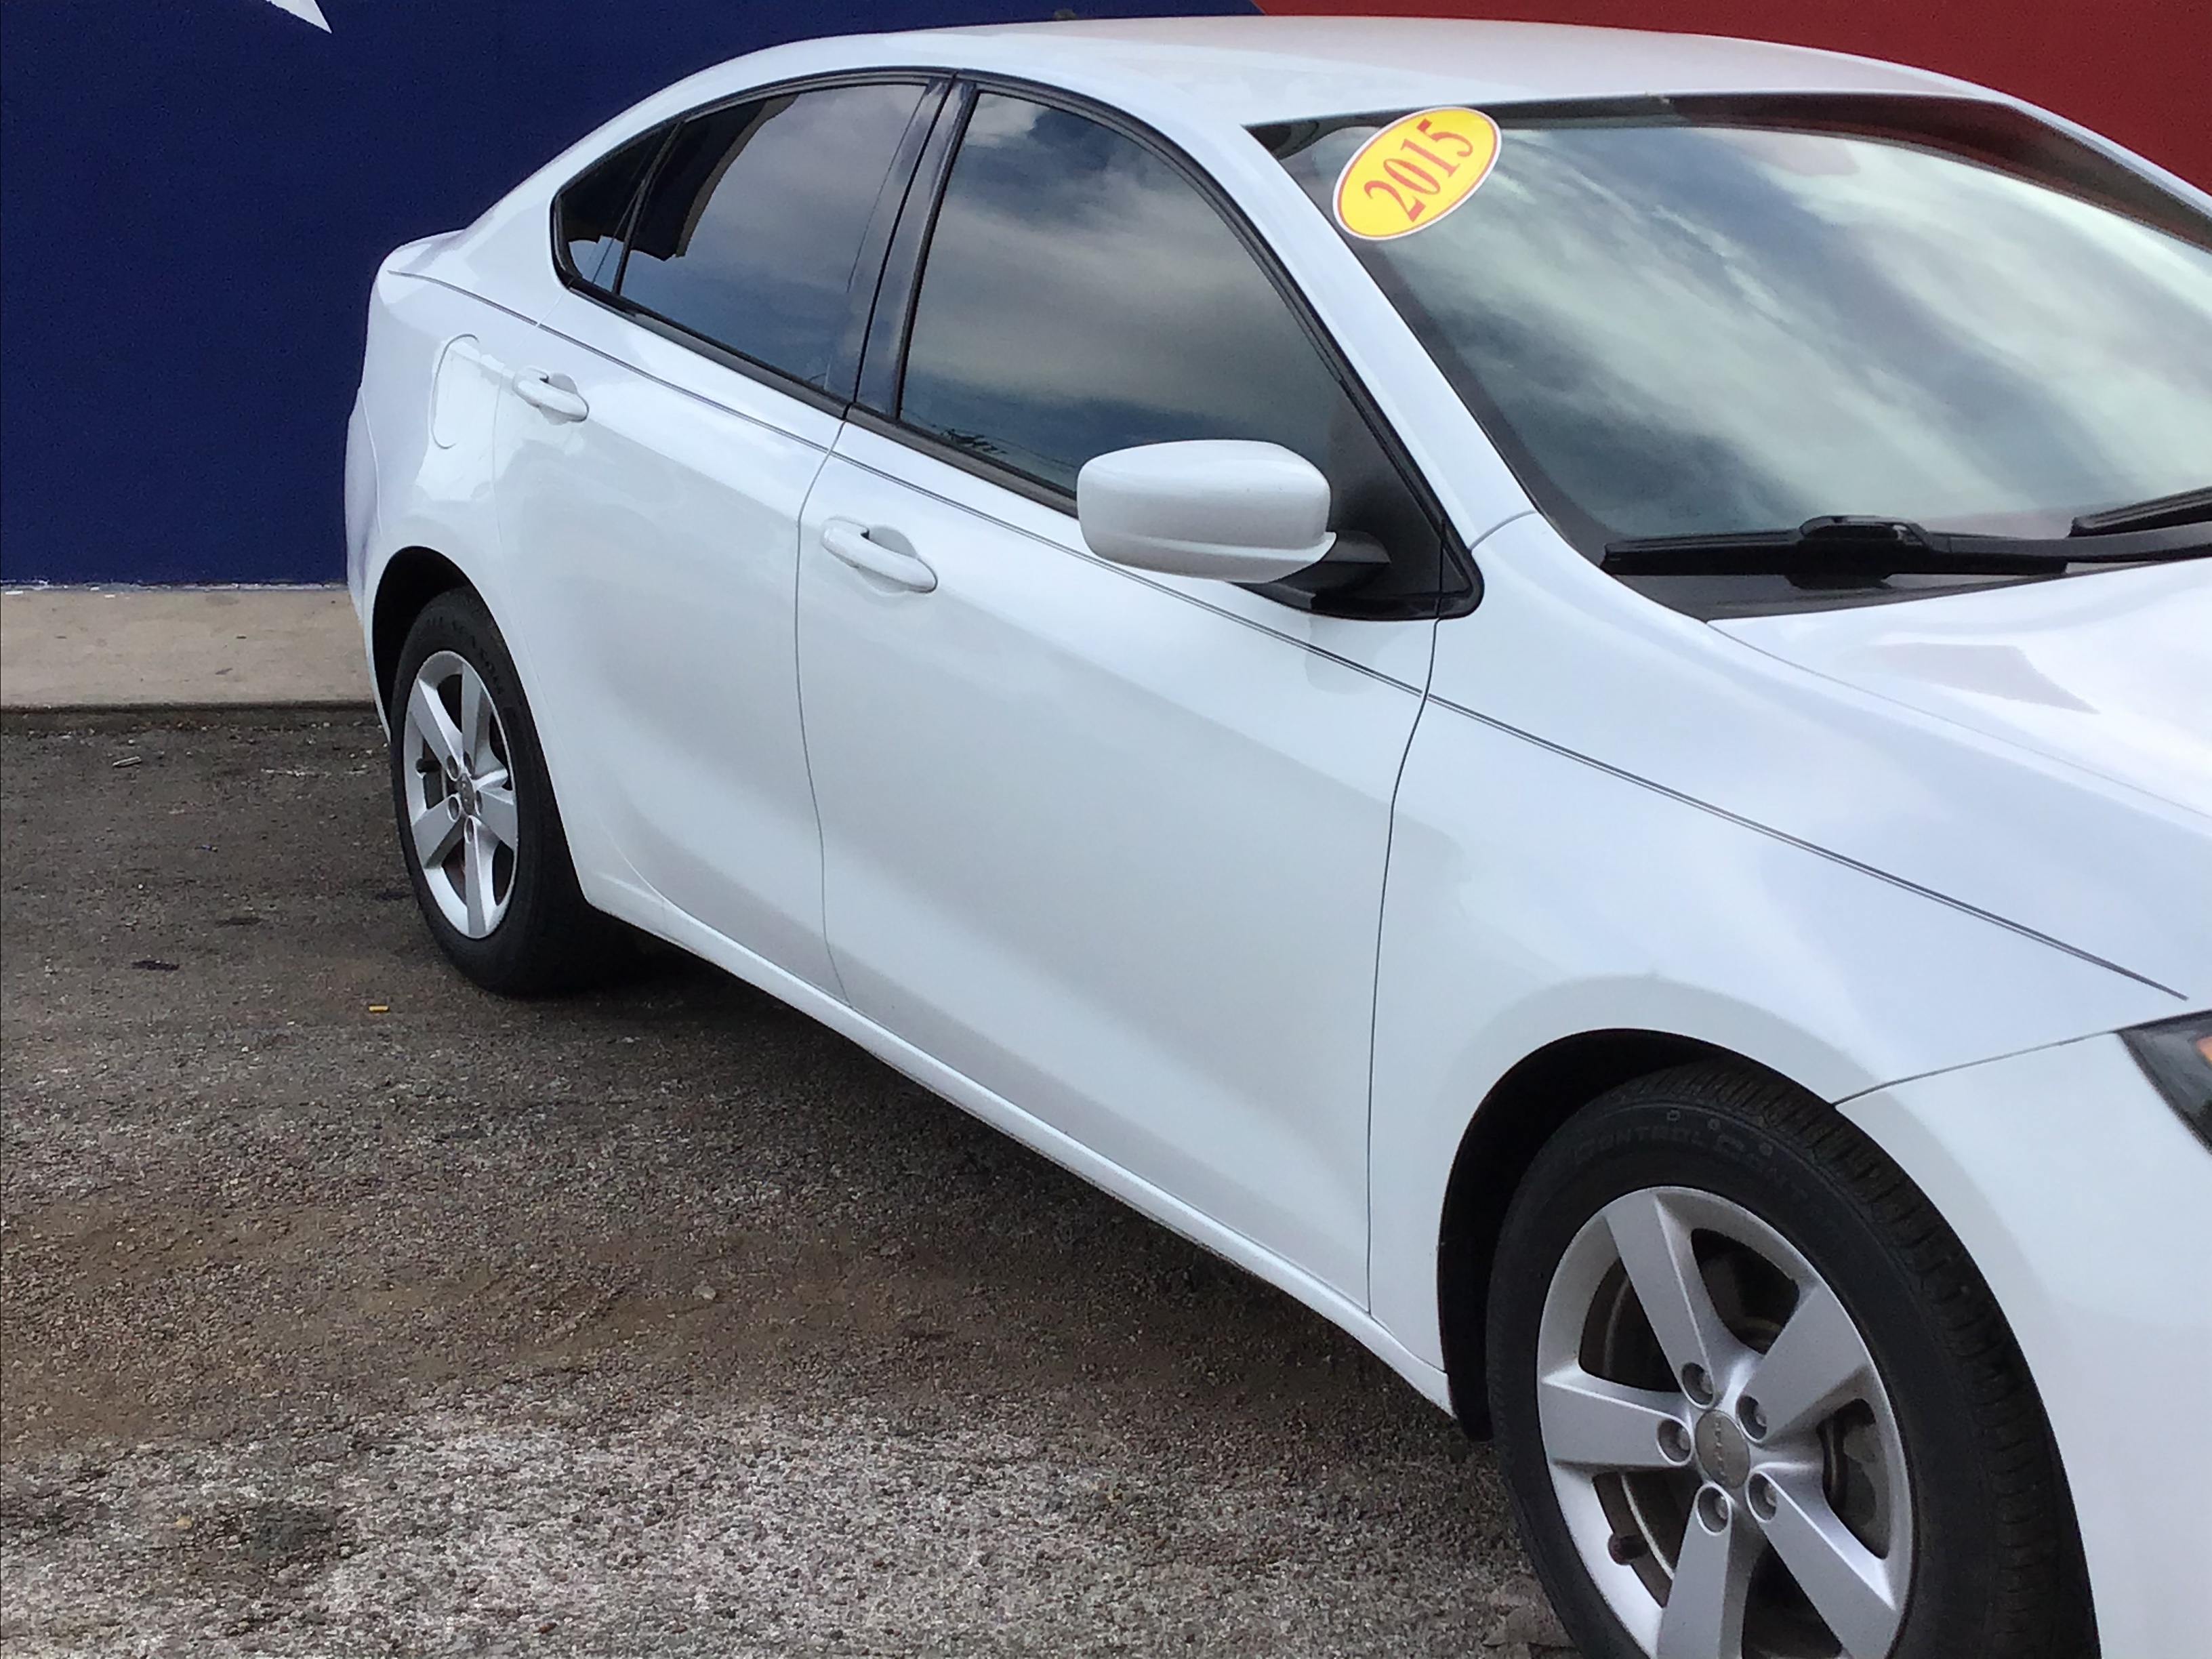 used vehicle - Sedan DODGE DART 2015